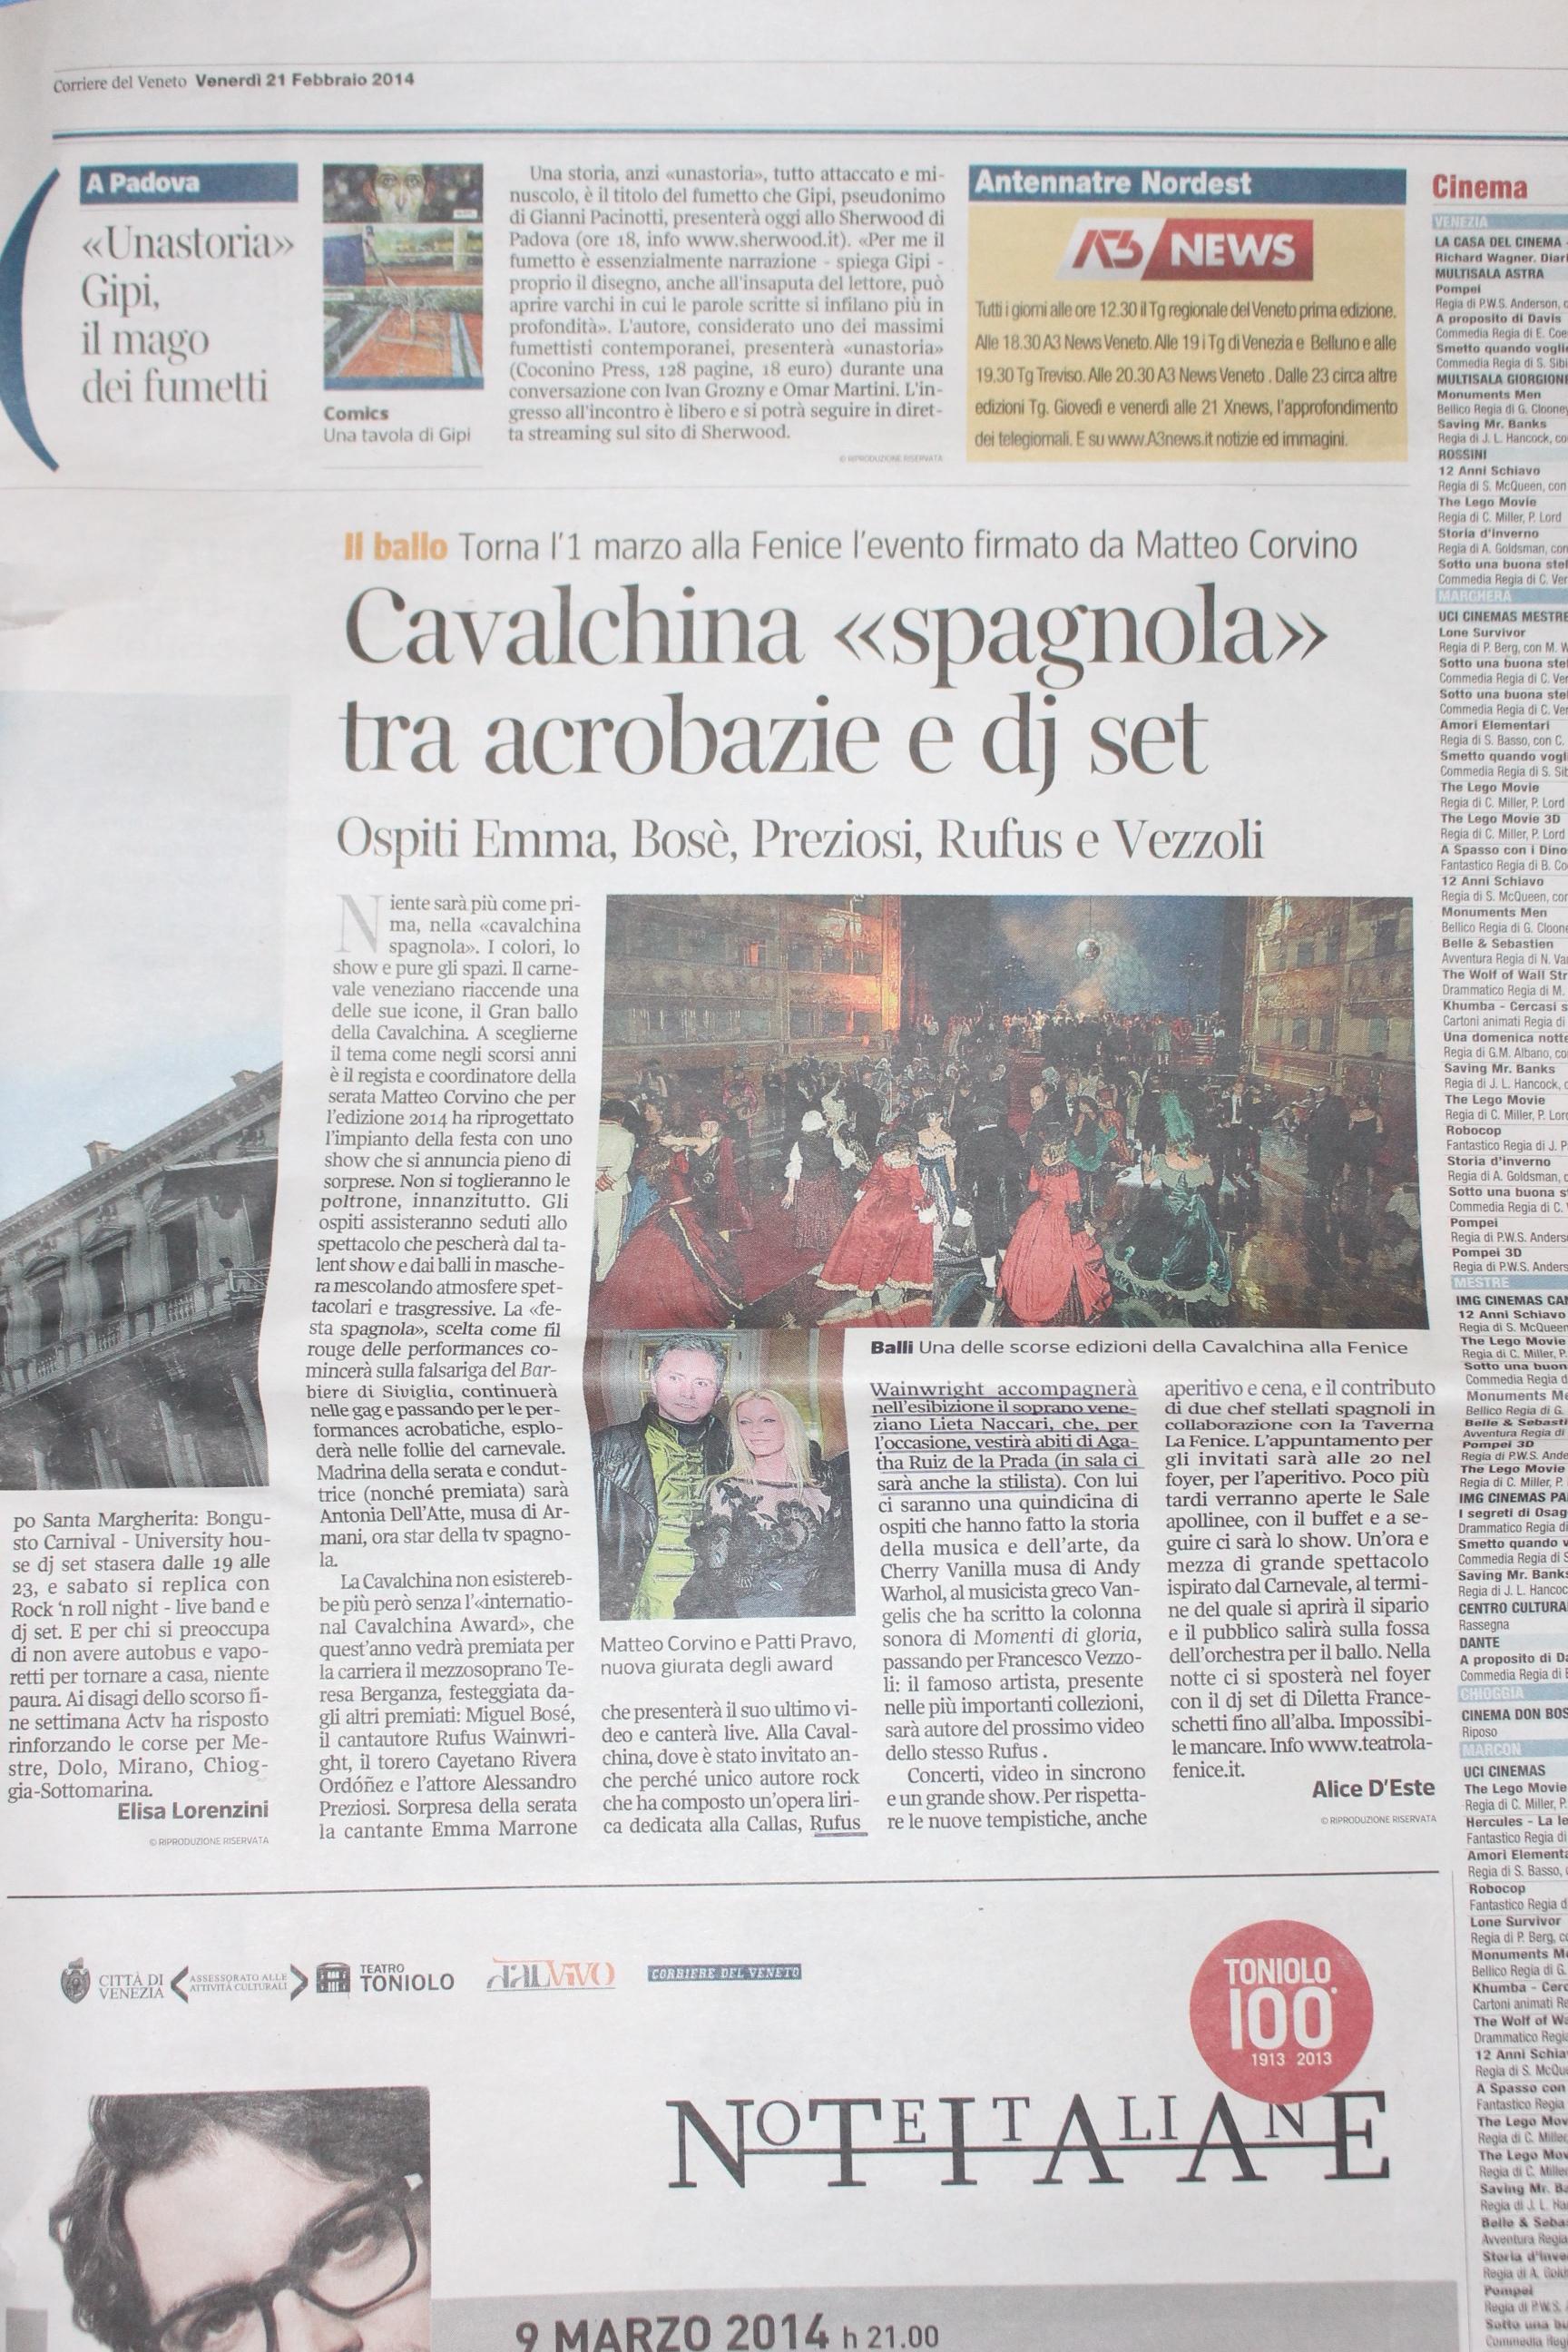 Corriere della Sera 21:02:2014